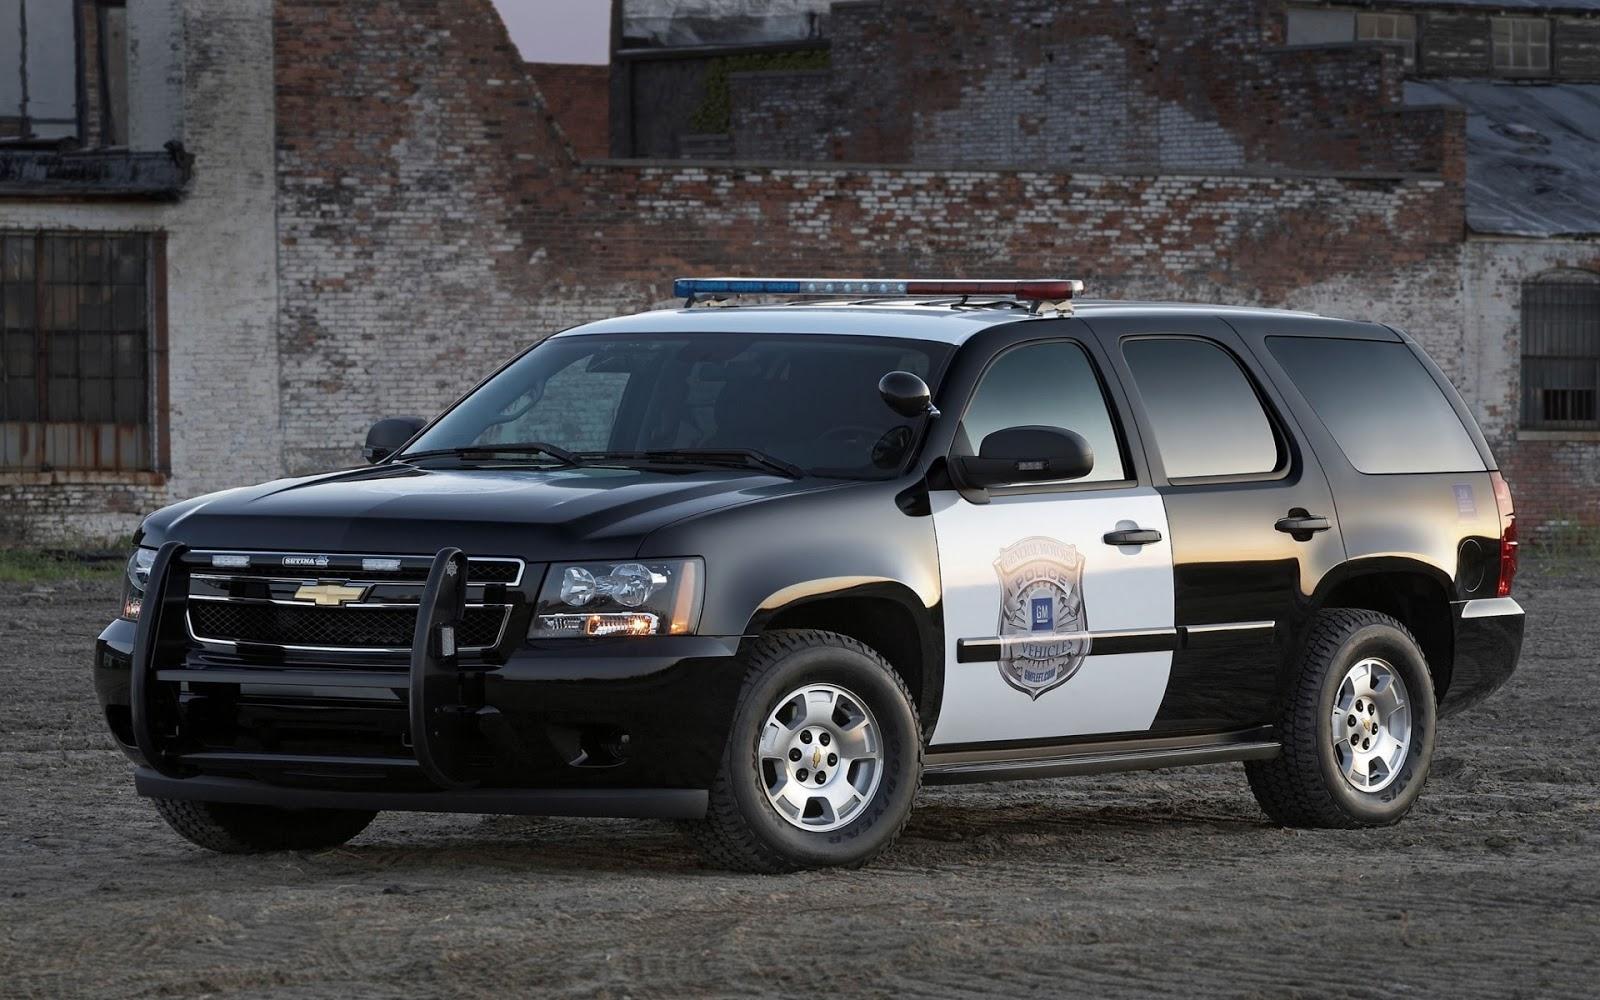 http://4.bp.blogspot.com/-oqiWIB3FV6s/UPVeQ1YwEYI/AAAAAAAAAmo/r1tGkFNox3k/s1600/Chevrolet+Jeep+Police+Wallpapers.jpg